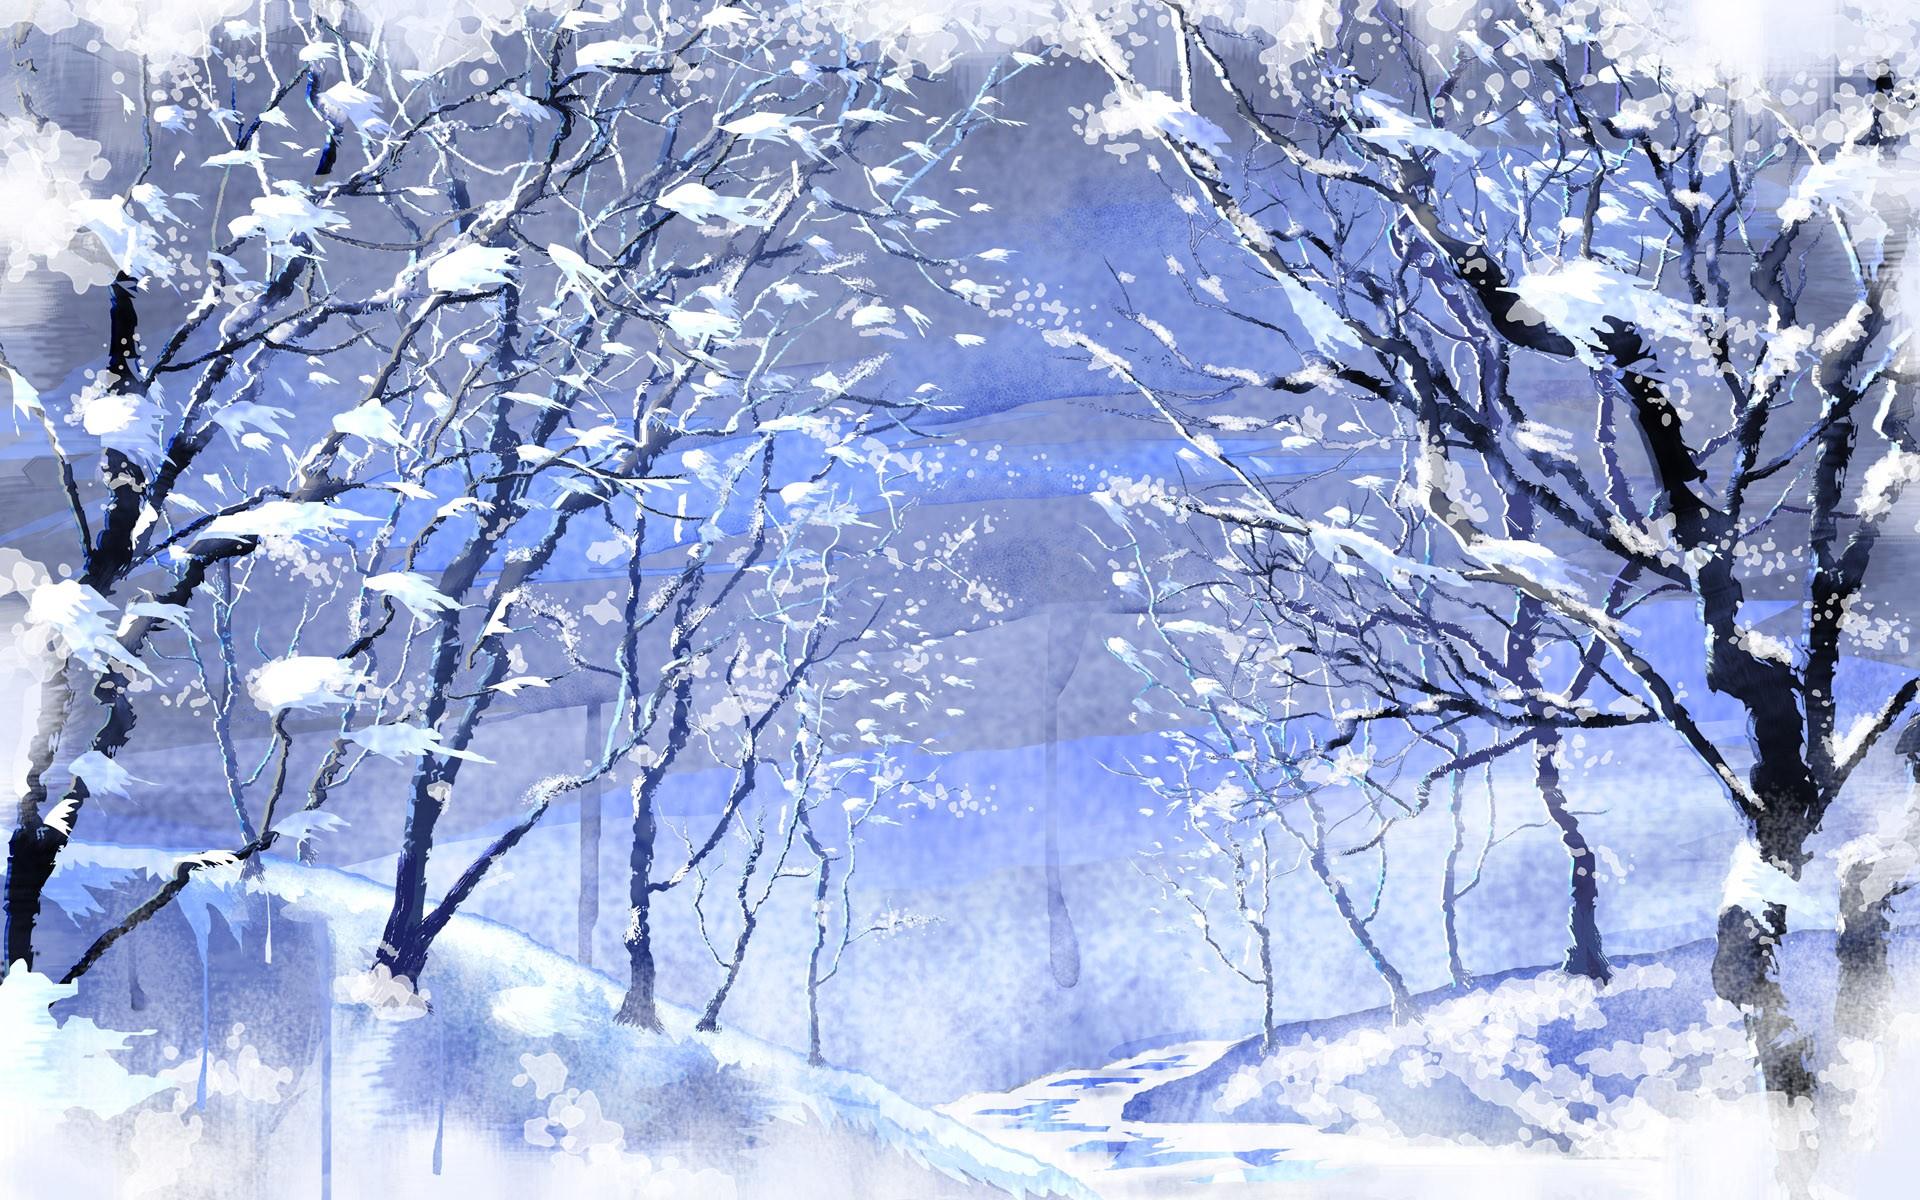 Winterlandschaft hintergrund pc